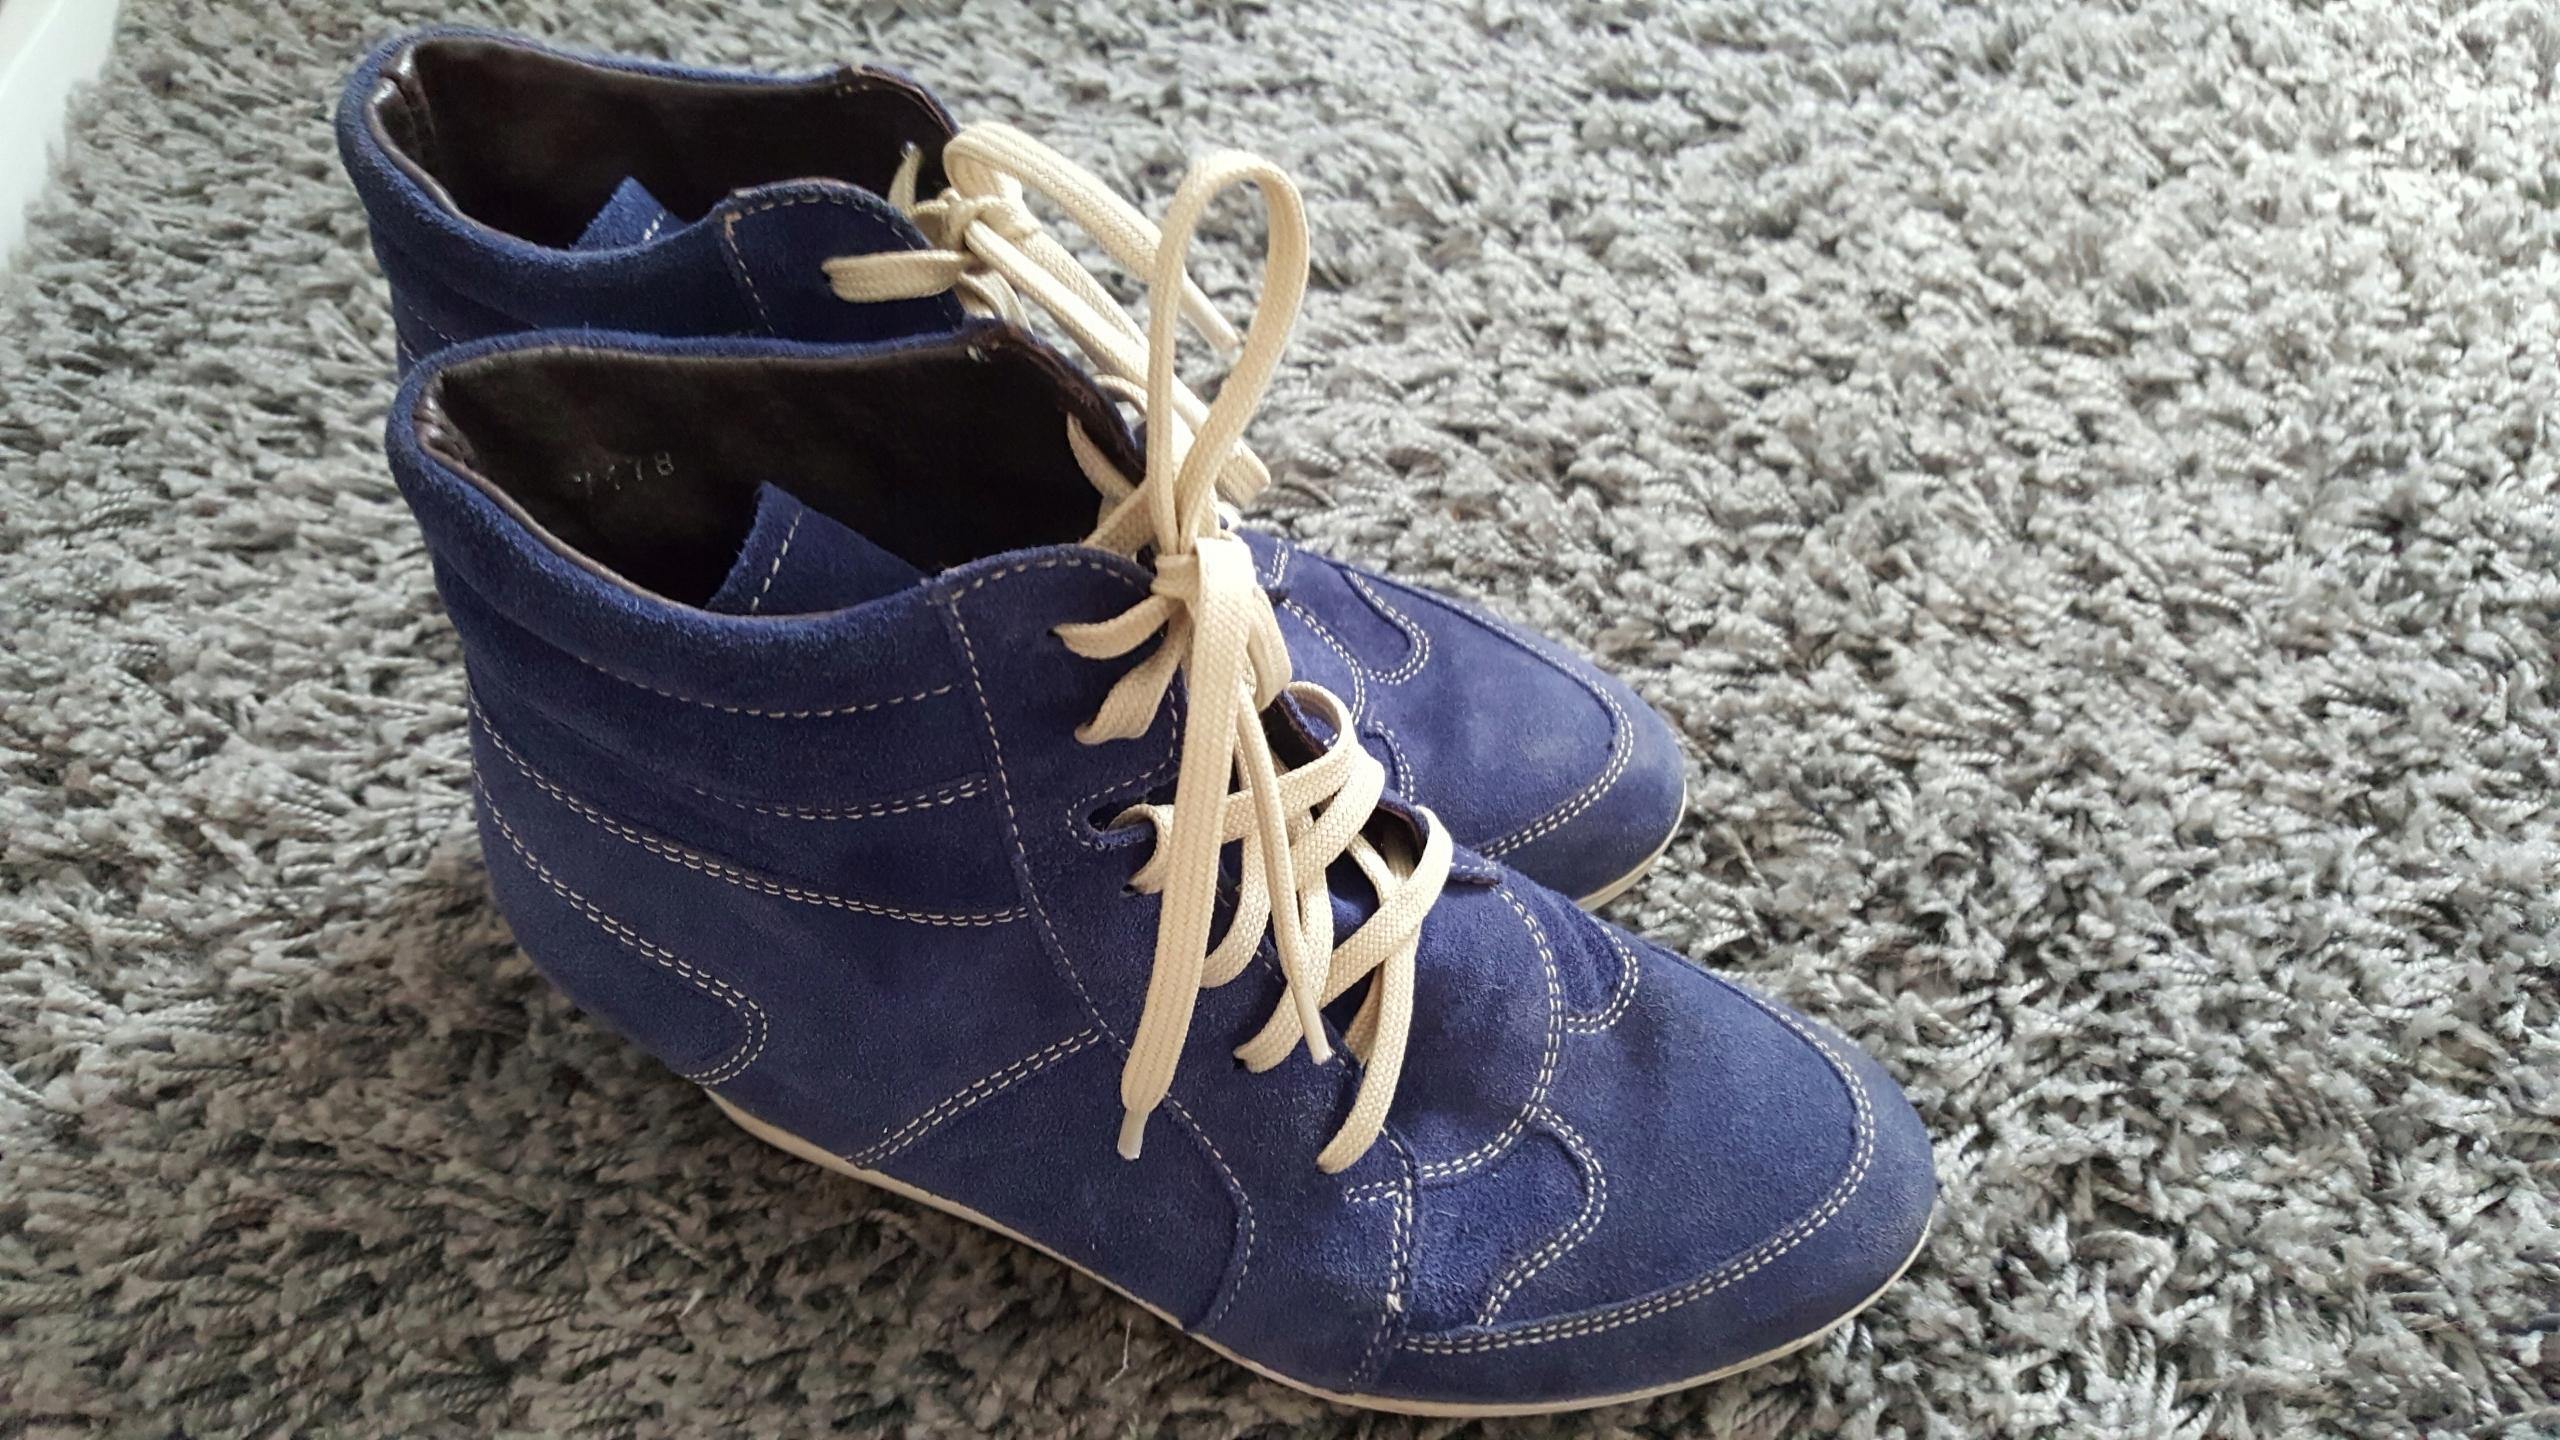 a0b81fe9c8c27 Buty sneakersy koturn Wojas skóra 37 - 7537760910 - oficjalne ...